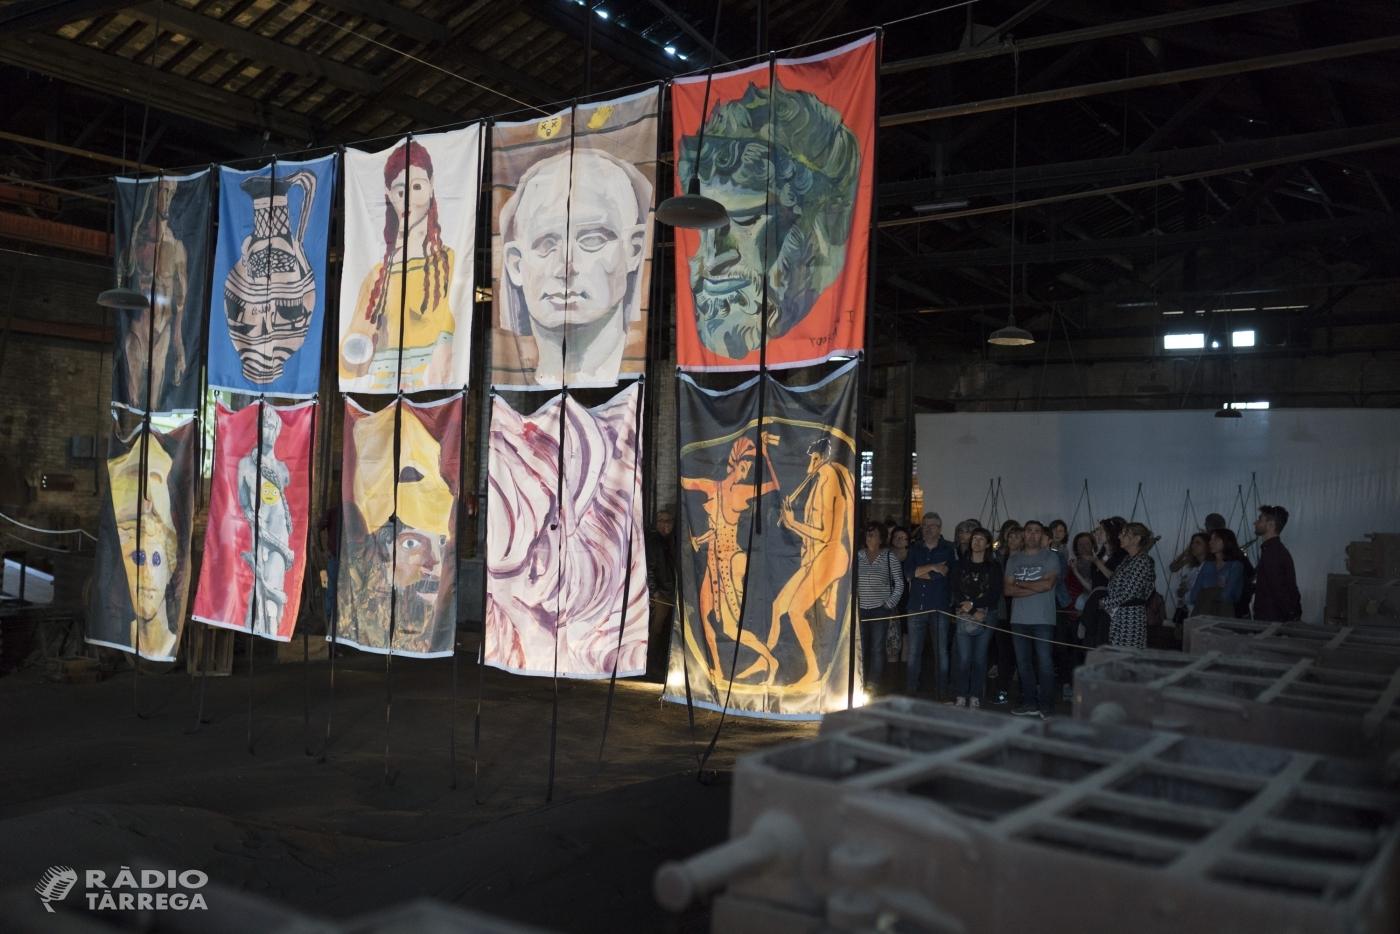 """Tàrrega dedicarà l'edició 2020 del festival de creació contemporània Embarrat a analitzar els efectes del """"poder"""""""